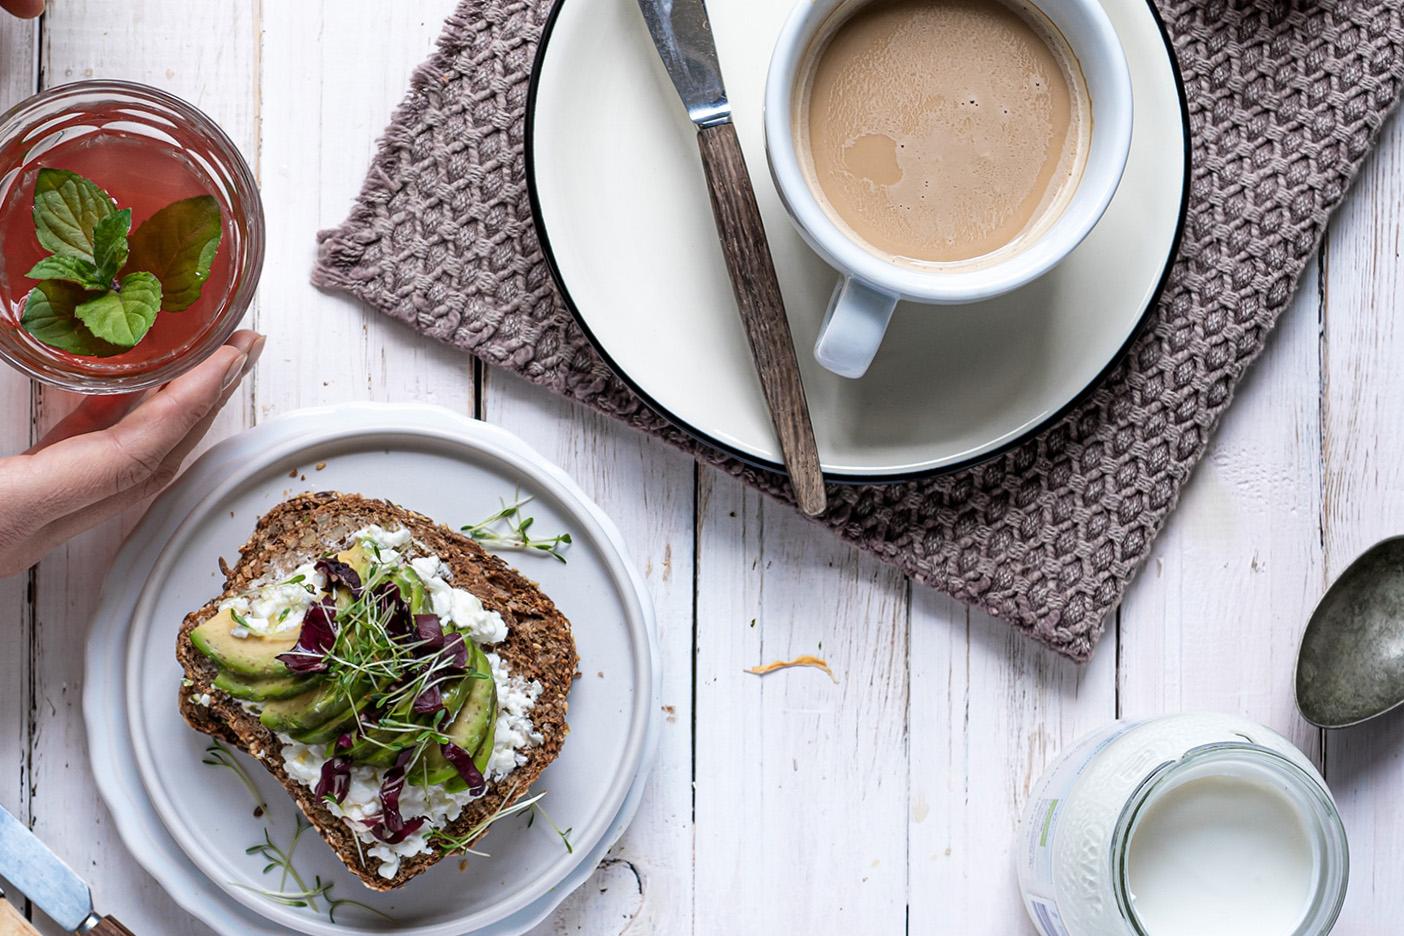 Gesundes Frühstück auf einem Tisch